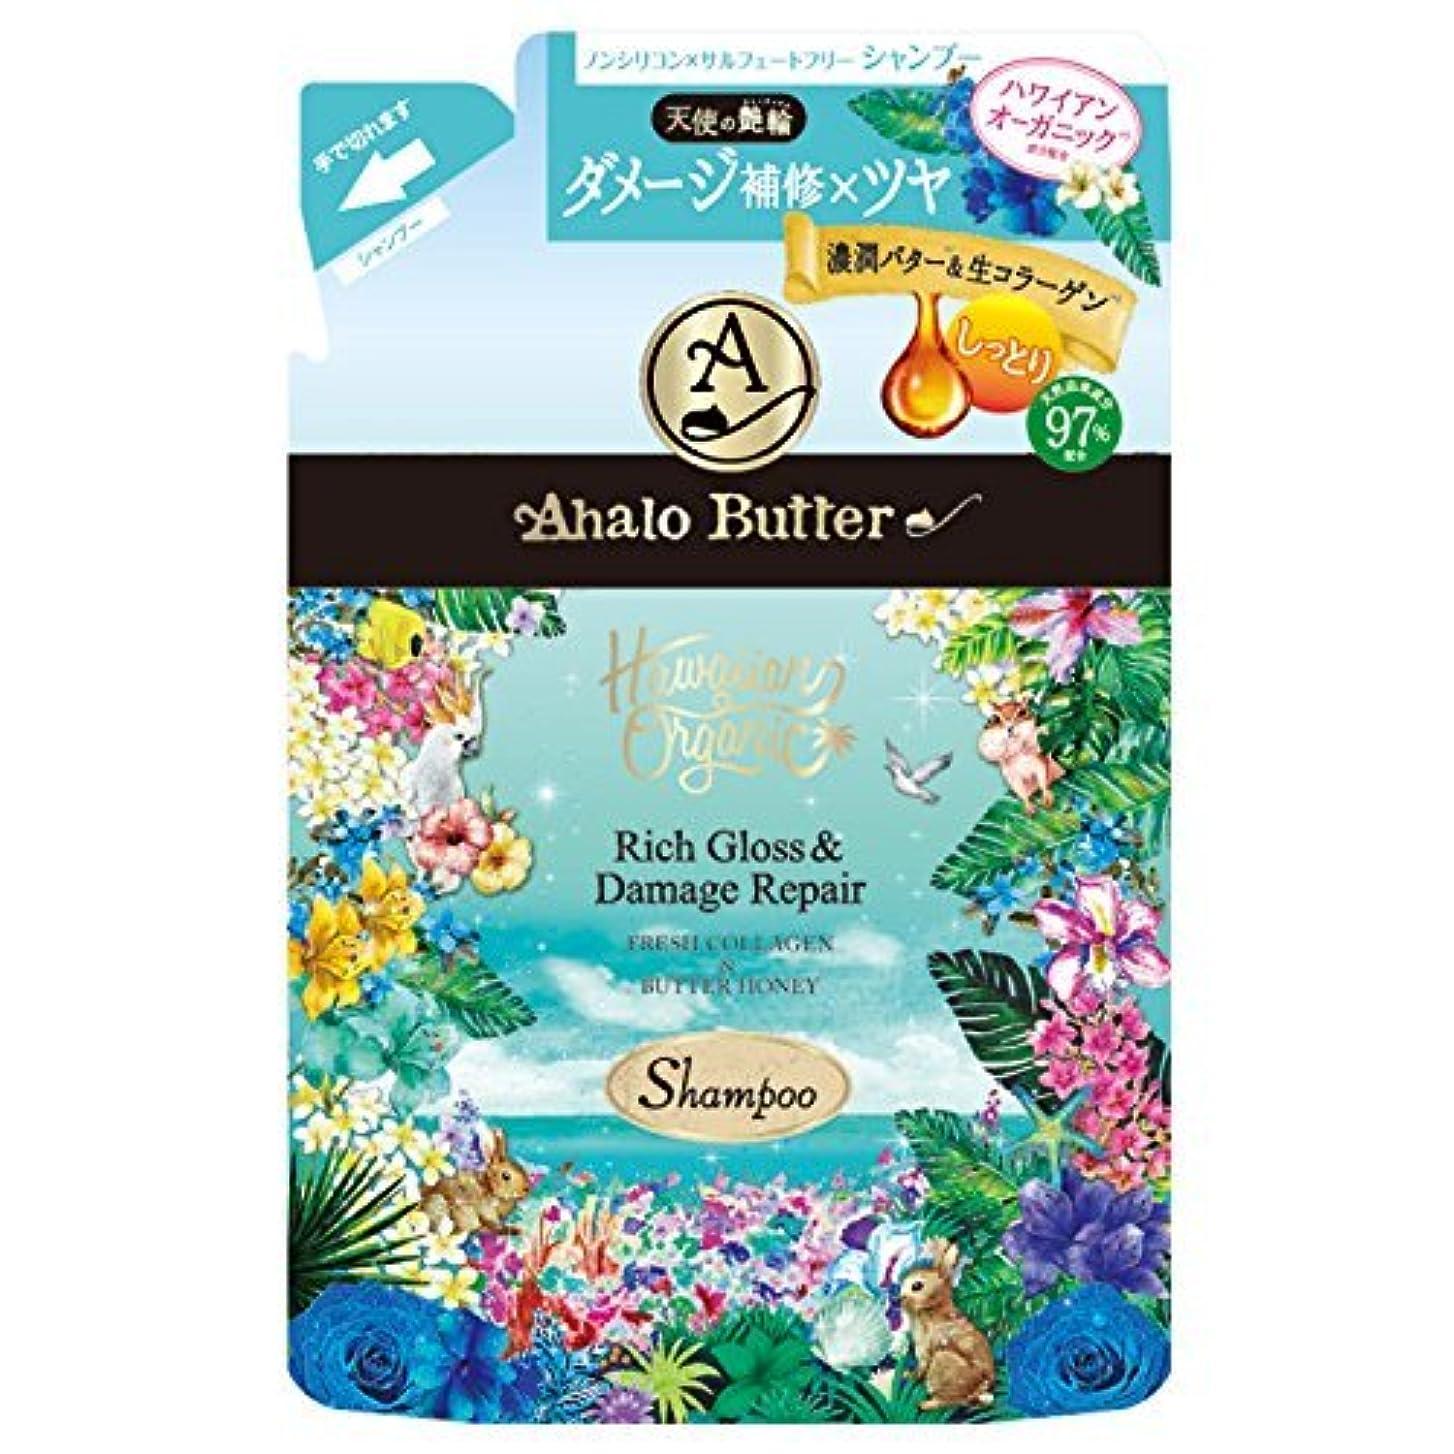 弾薬円形教養があるAhalo butter(アハロバター) ハワイアンオーガニック リッチグロス&ダメージリペア モイストシャンプー / 詰め替え / 400ml